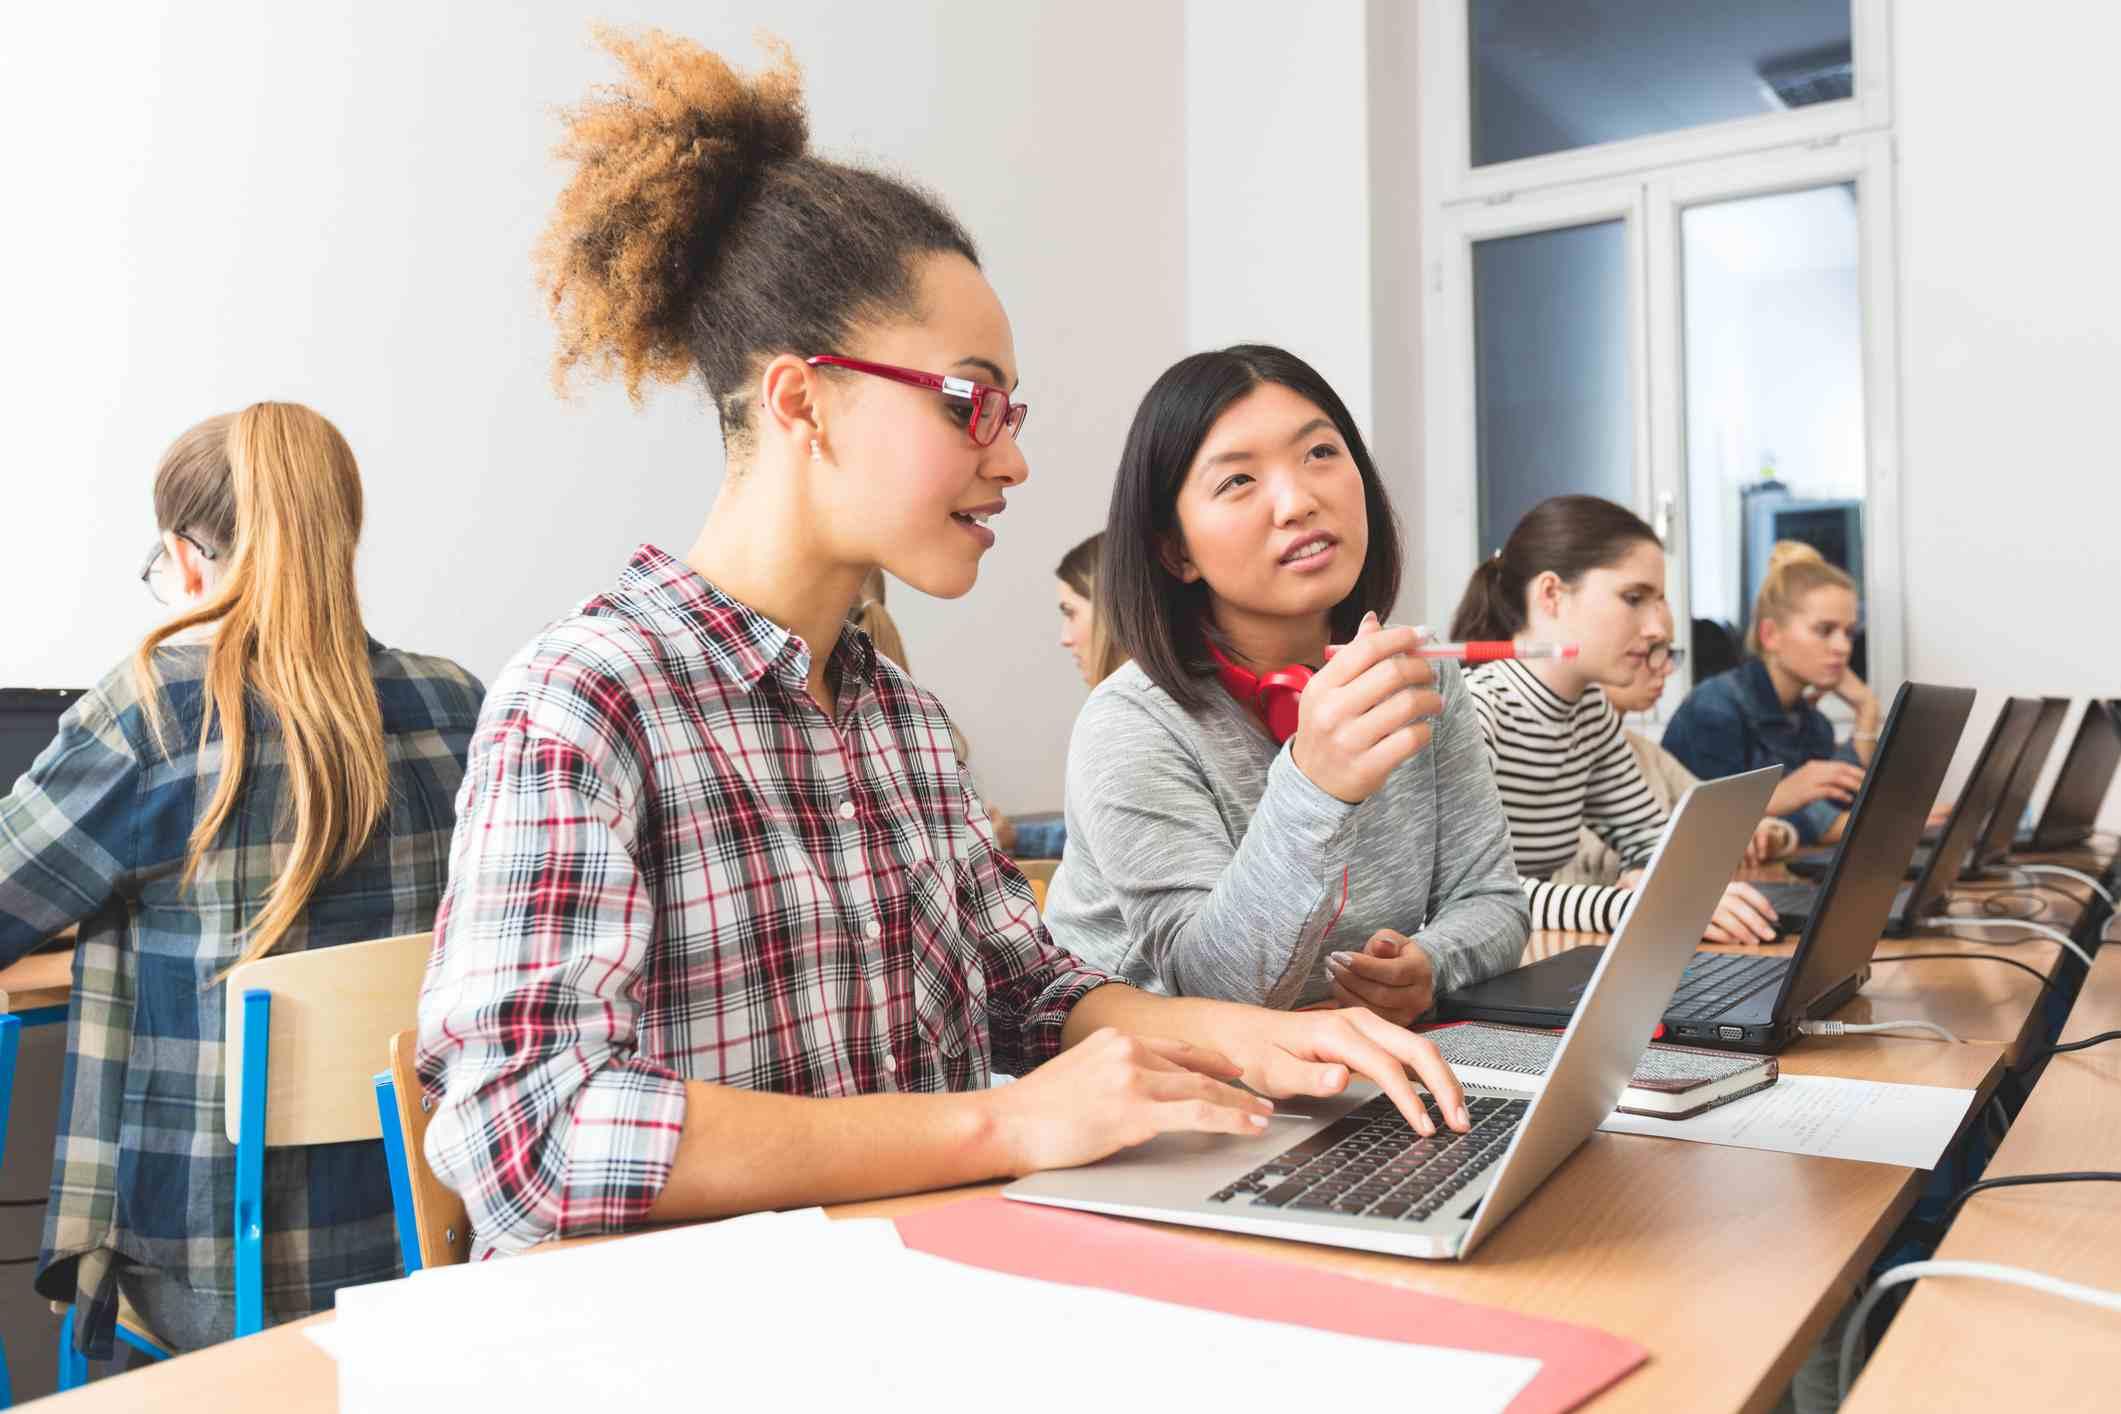 Việc học tiếng Anh sẽ trở nên đơn giản và thuận tiện hơn nhiều với các công cụ học trực tuyến